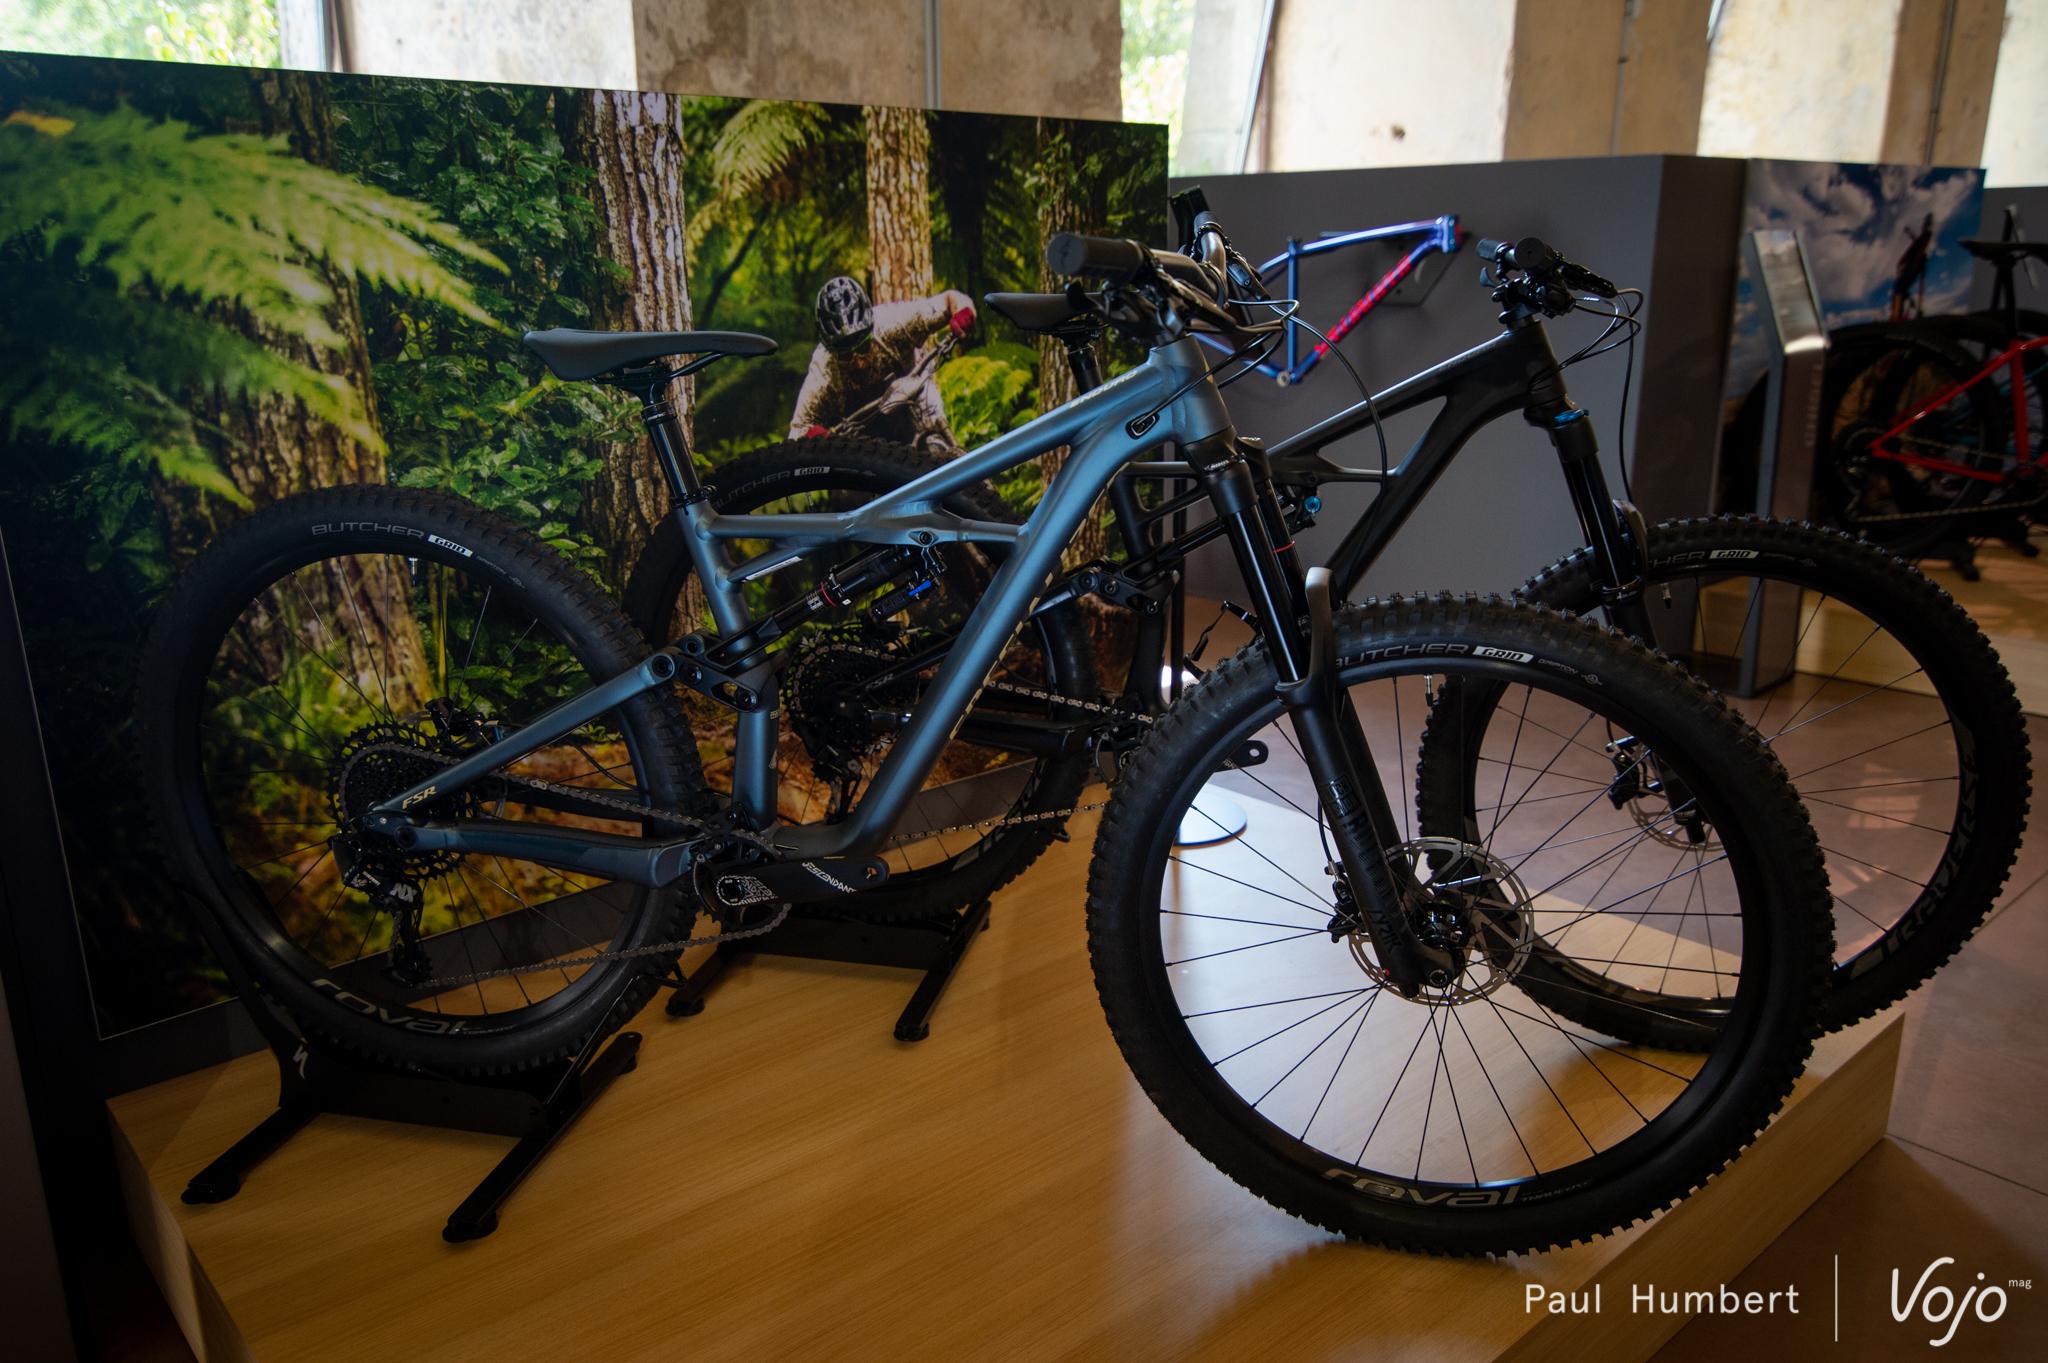 Specialized 2019 | Tour d'horizon, de Valence à Morgan Hill - Vojo